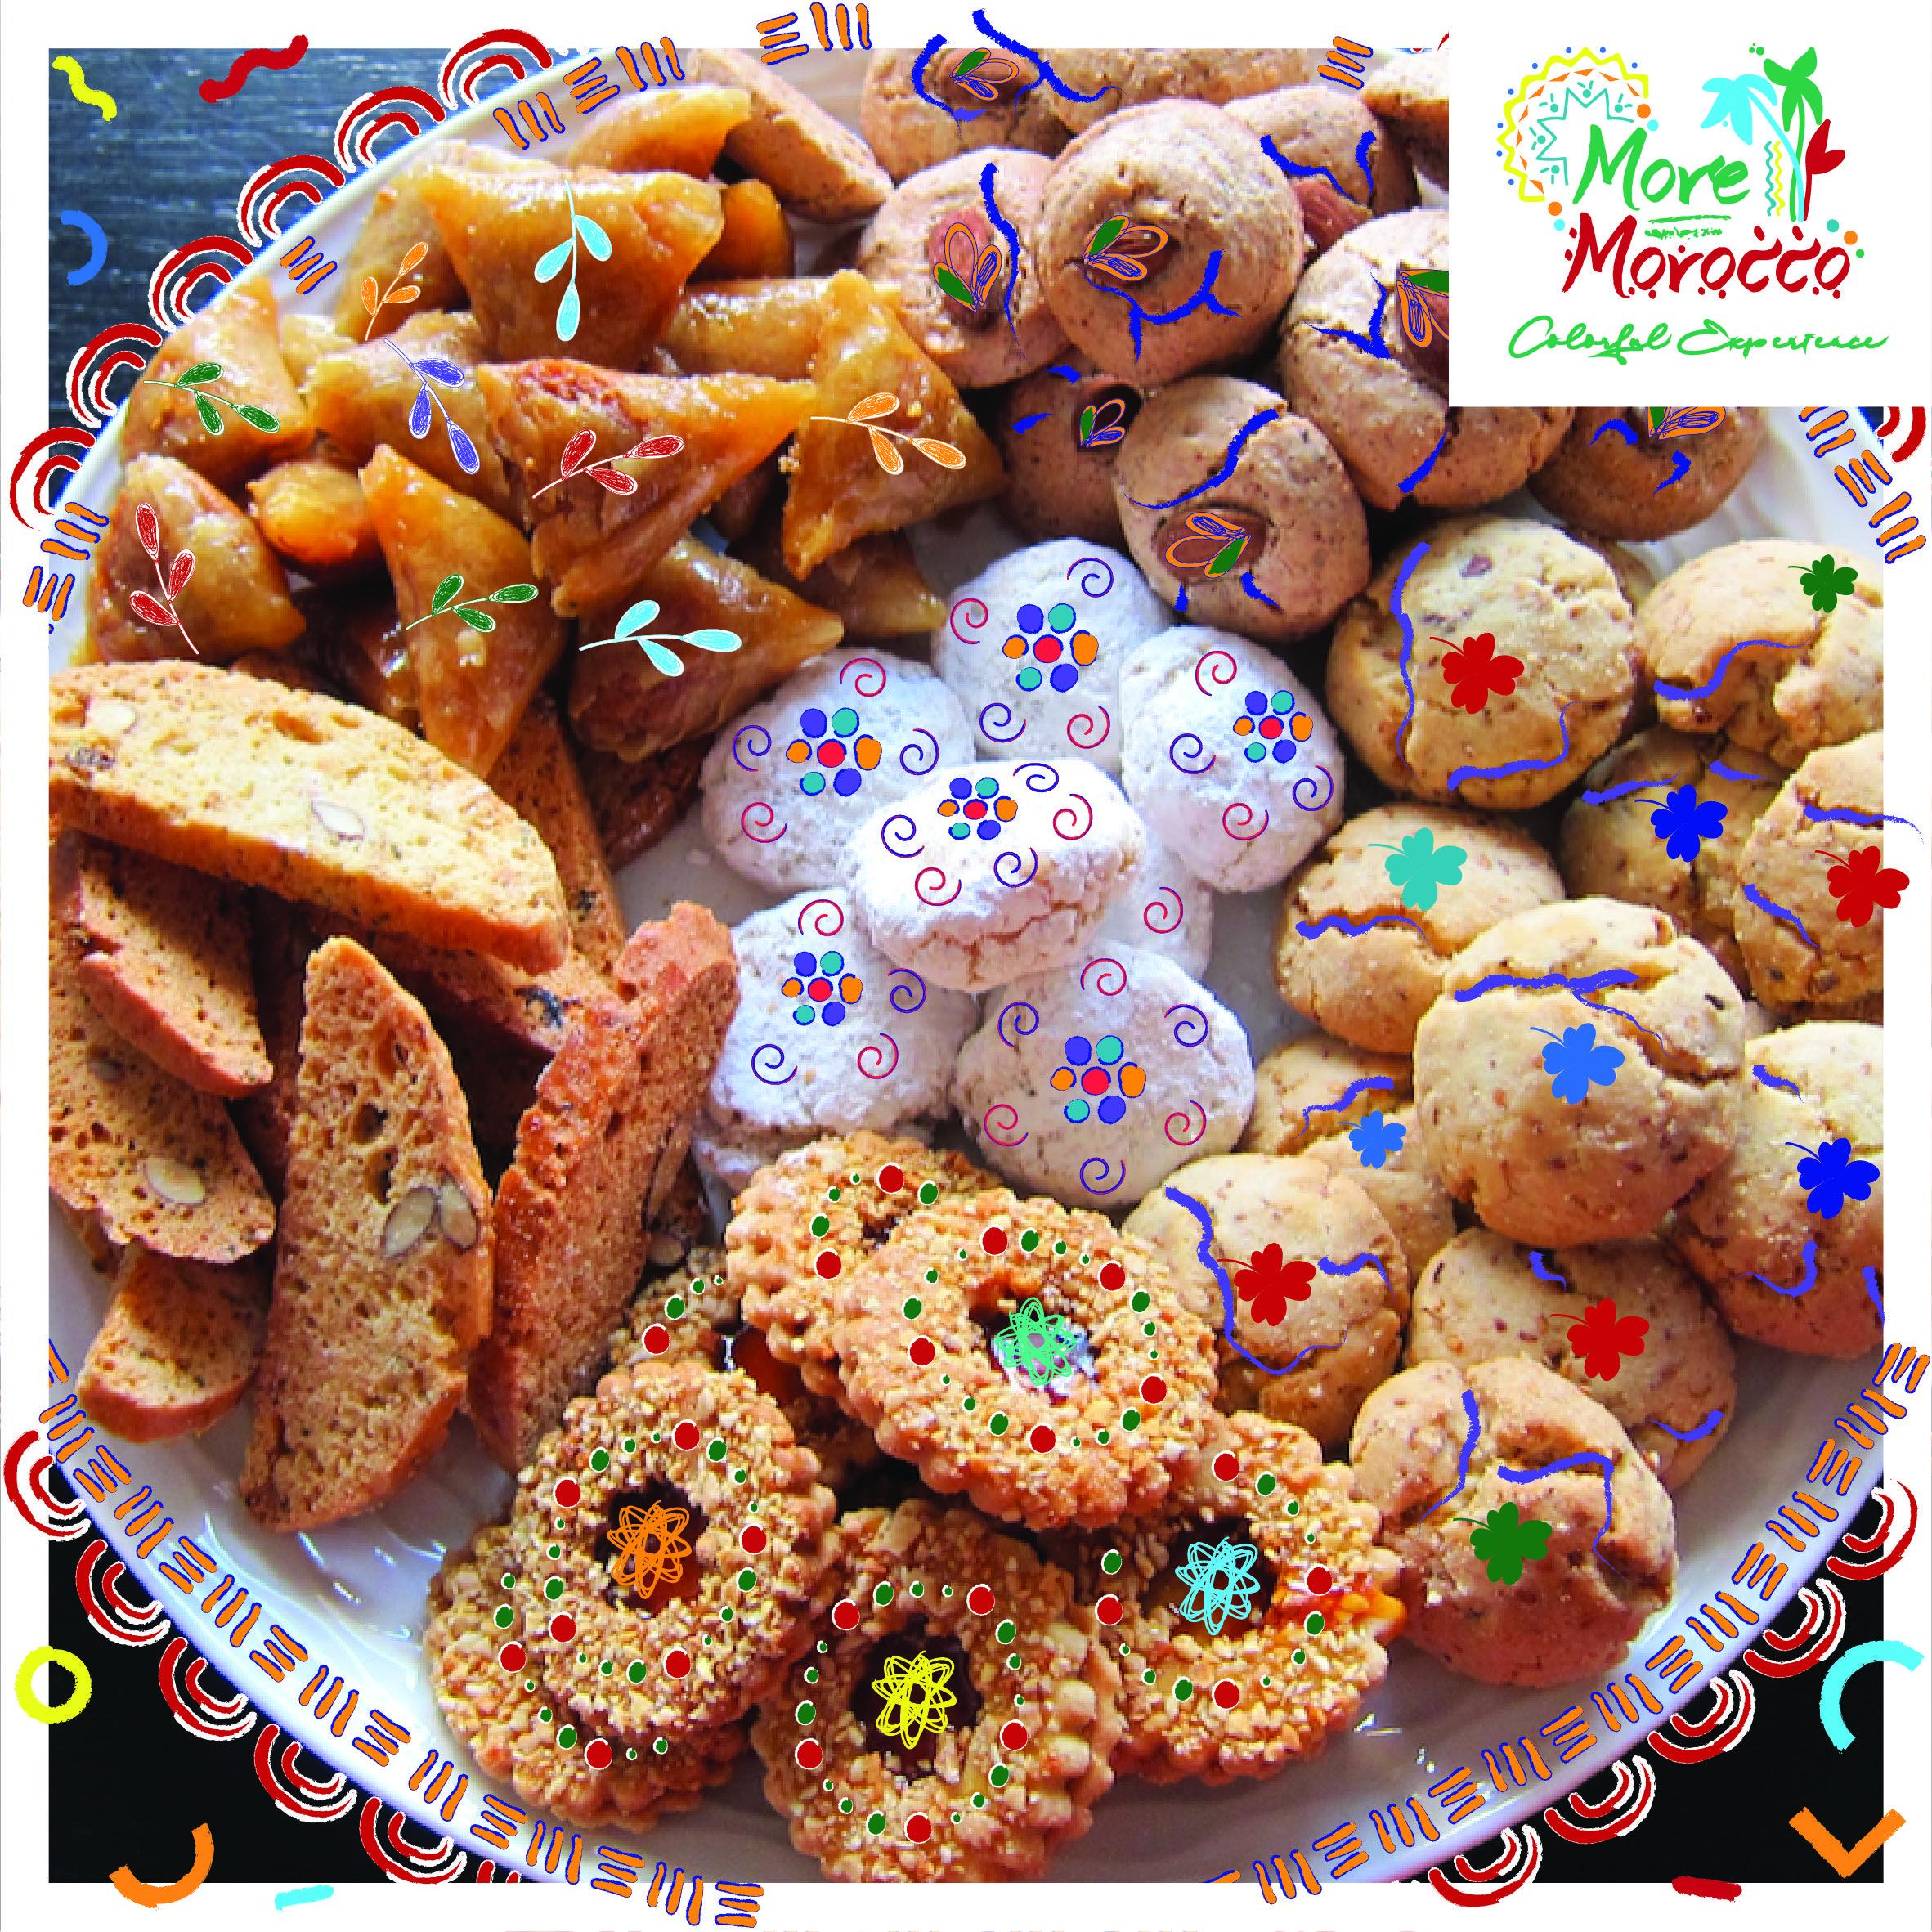 مع اقتراب نهاية شهر رمضان يحتفل المغاربة بعيد الفطر بمجموعة من الحلويات التقليدية مثل بريوات باللوز فقاس كعب الغزال وغريبة As Ramada Food Desserts Cookies